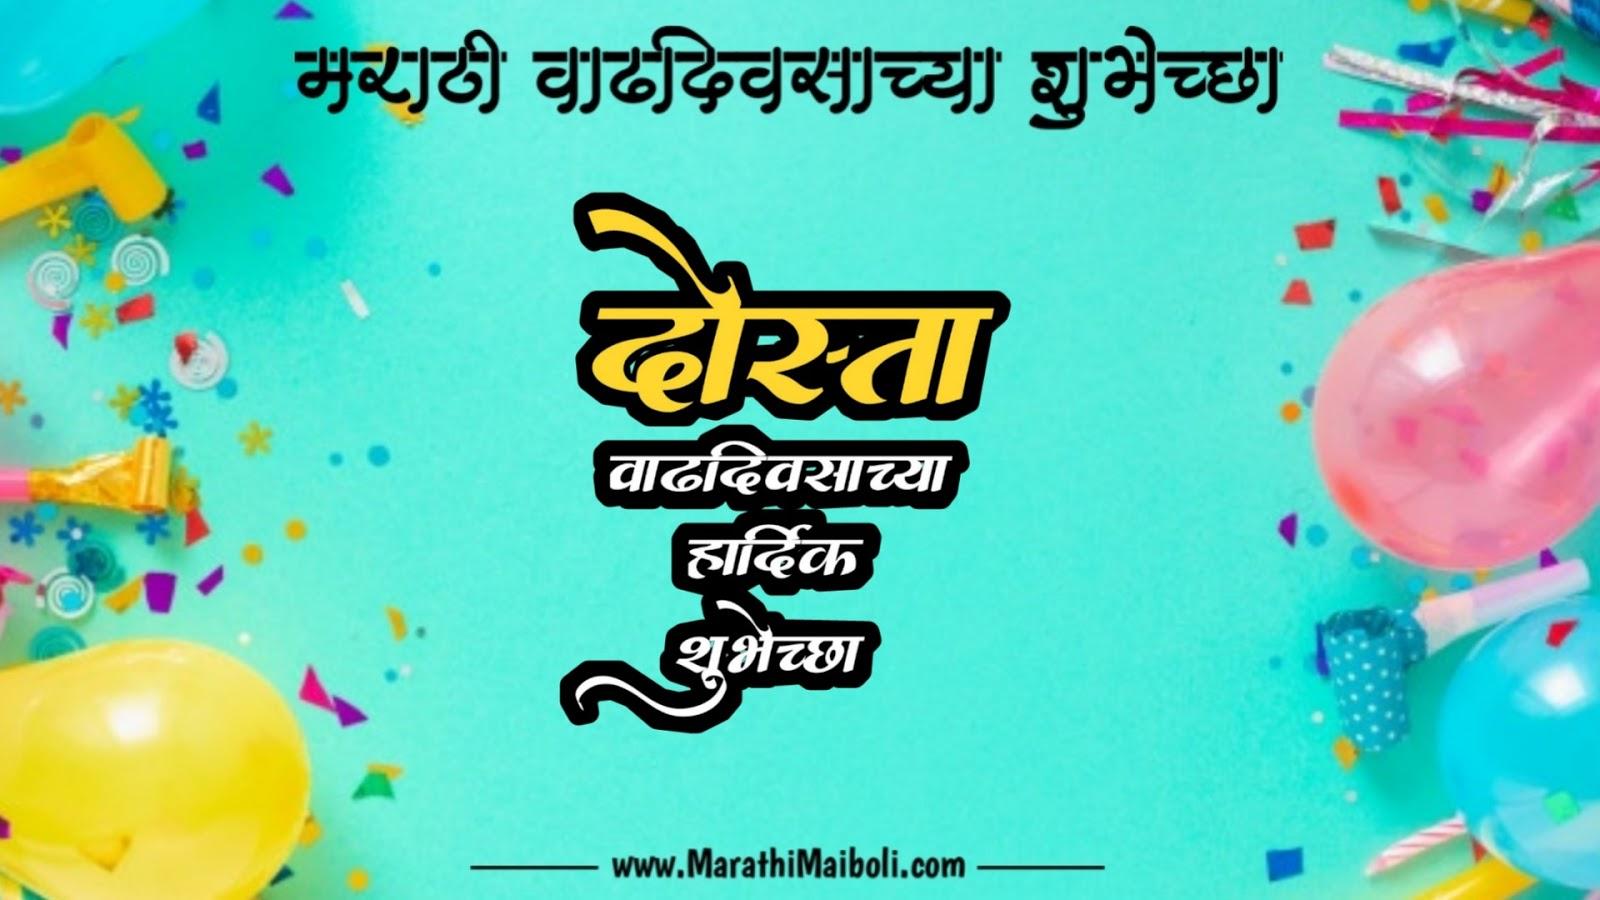 Marathi Wishes Birthday, Marathi Happy Birthday Wishes, Marathi Happy Birthday Wishes For Friend, Marathi Wishes For Brother, Marathi Wishes Images